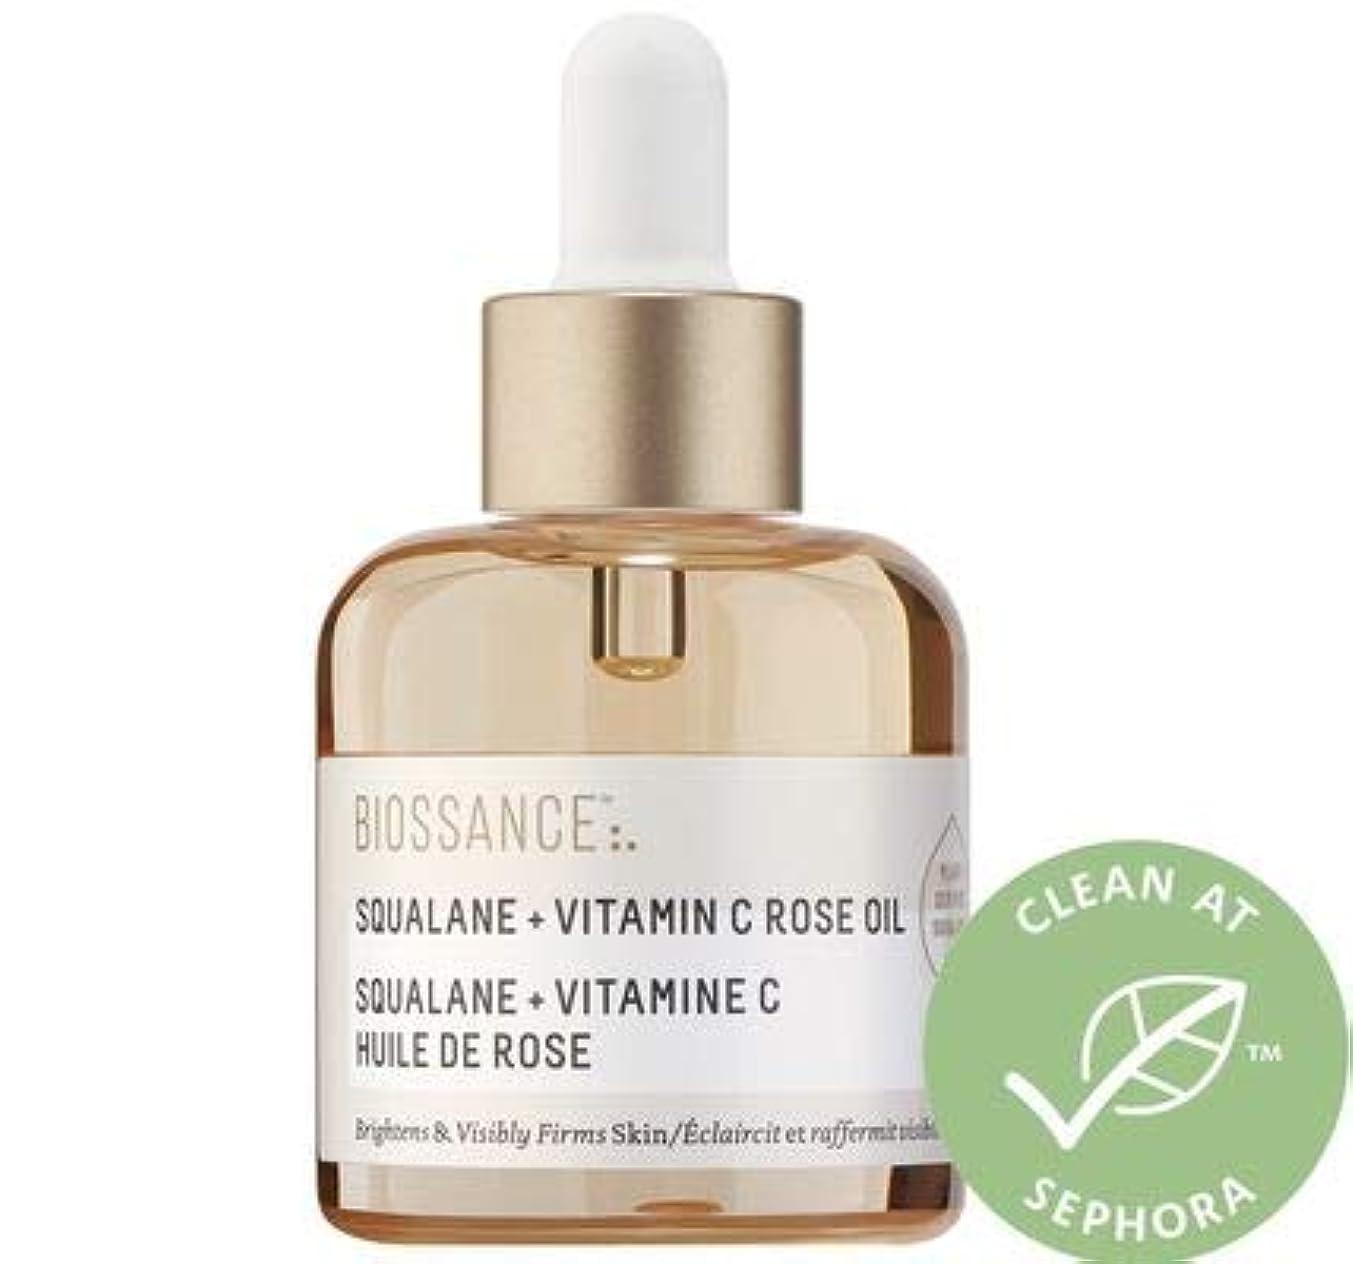 エレクトロニックコロニーログビオッサンス BIOSSANCE Limited Edition Squalane + Vitamin C Rose Oil 美容液 ローズ オイル スクワラン